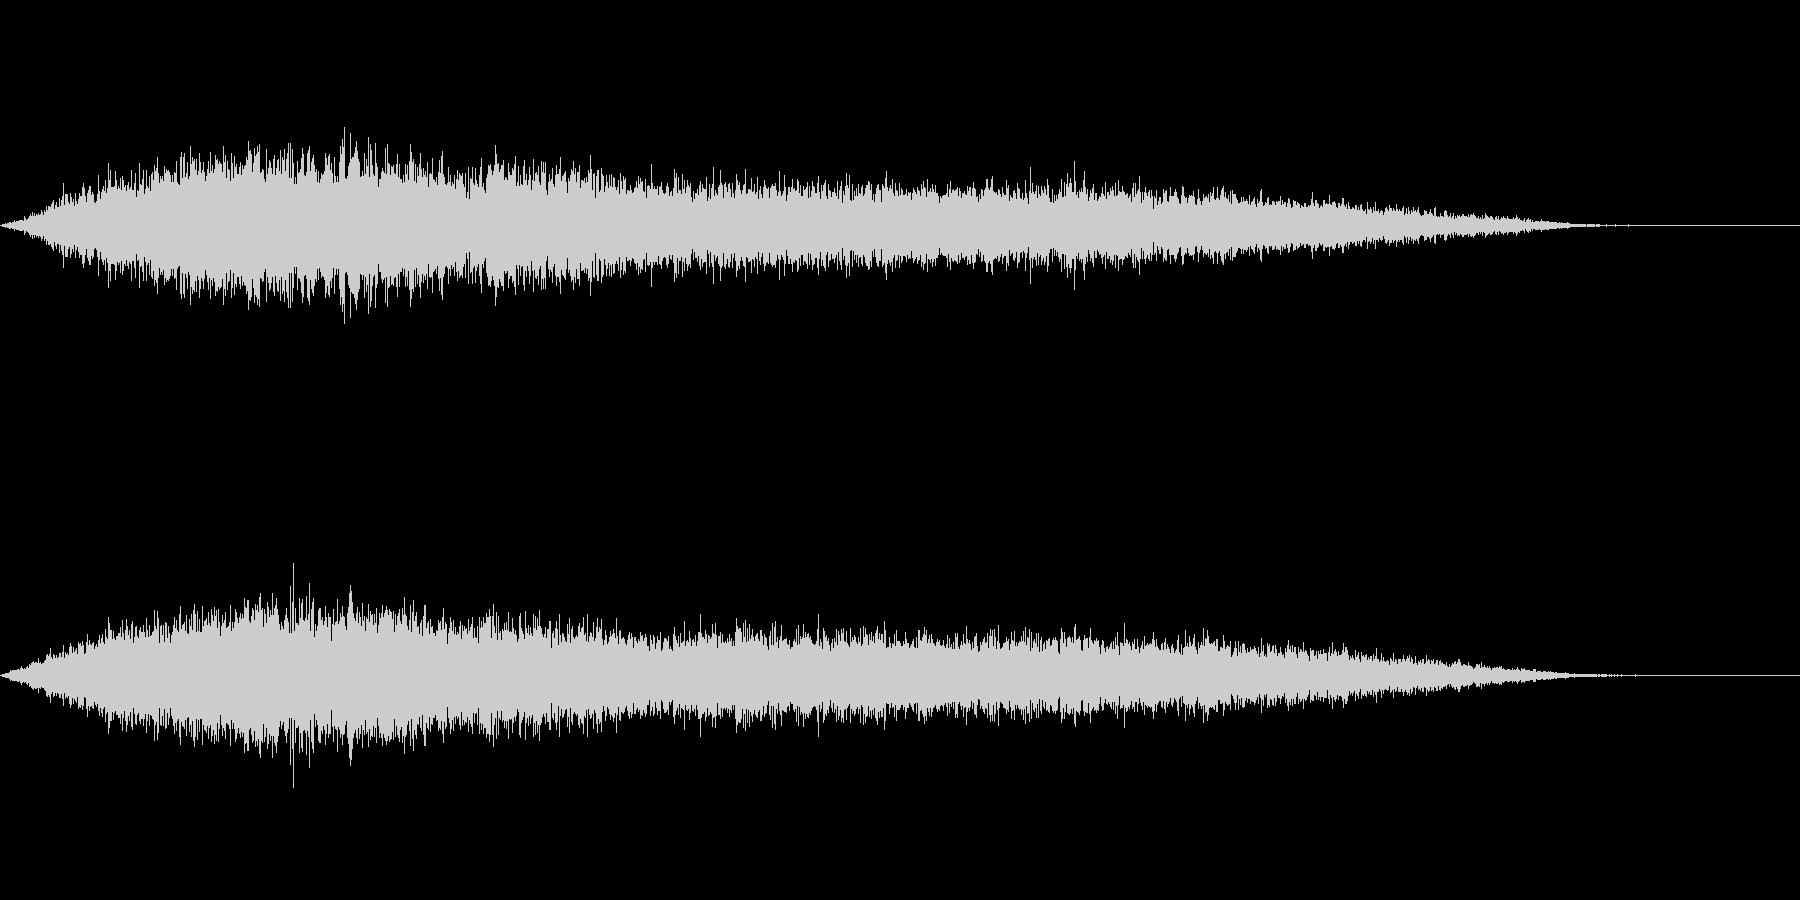 ワァーキャー!コンサートやライブ歓声20の未再生の波形